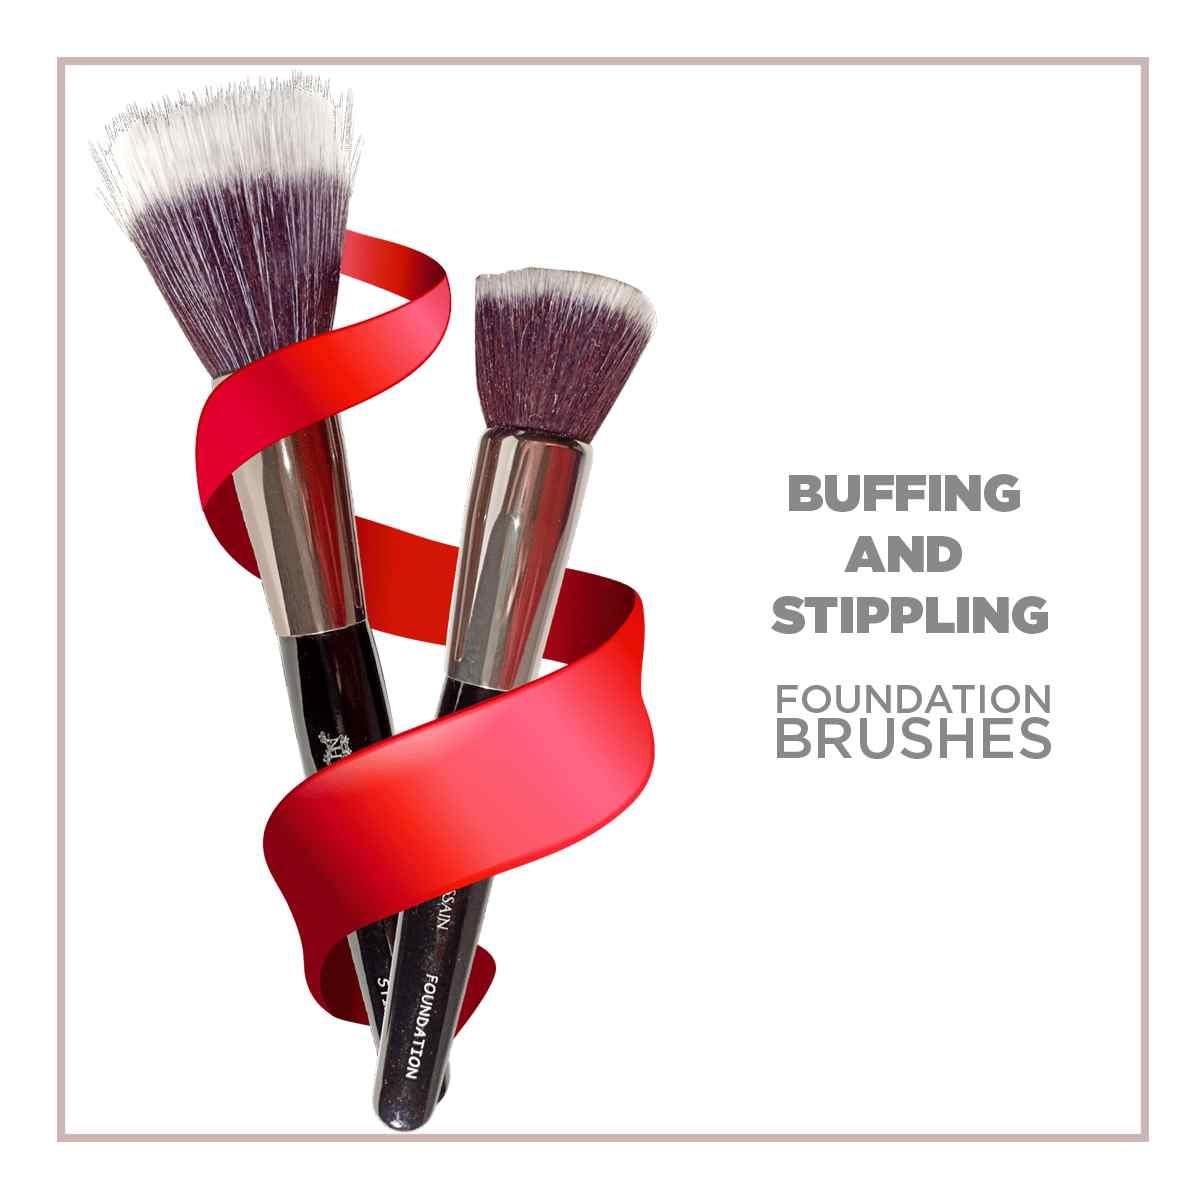 BUFFING-BRUSH